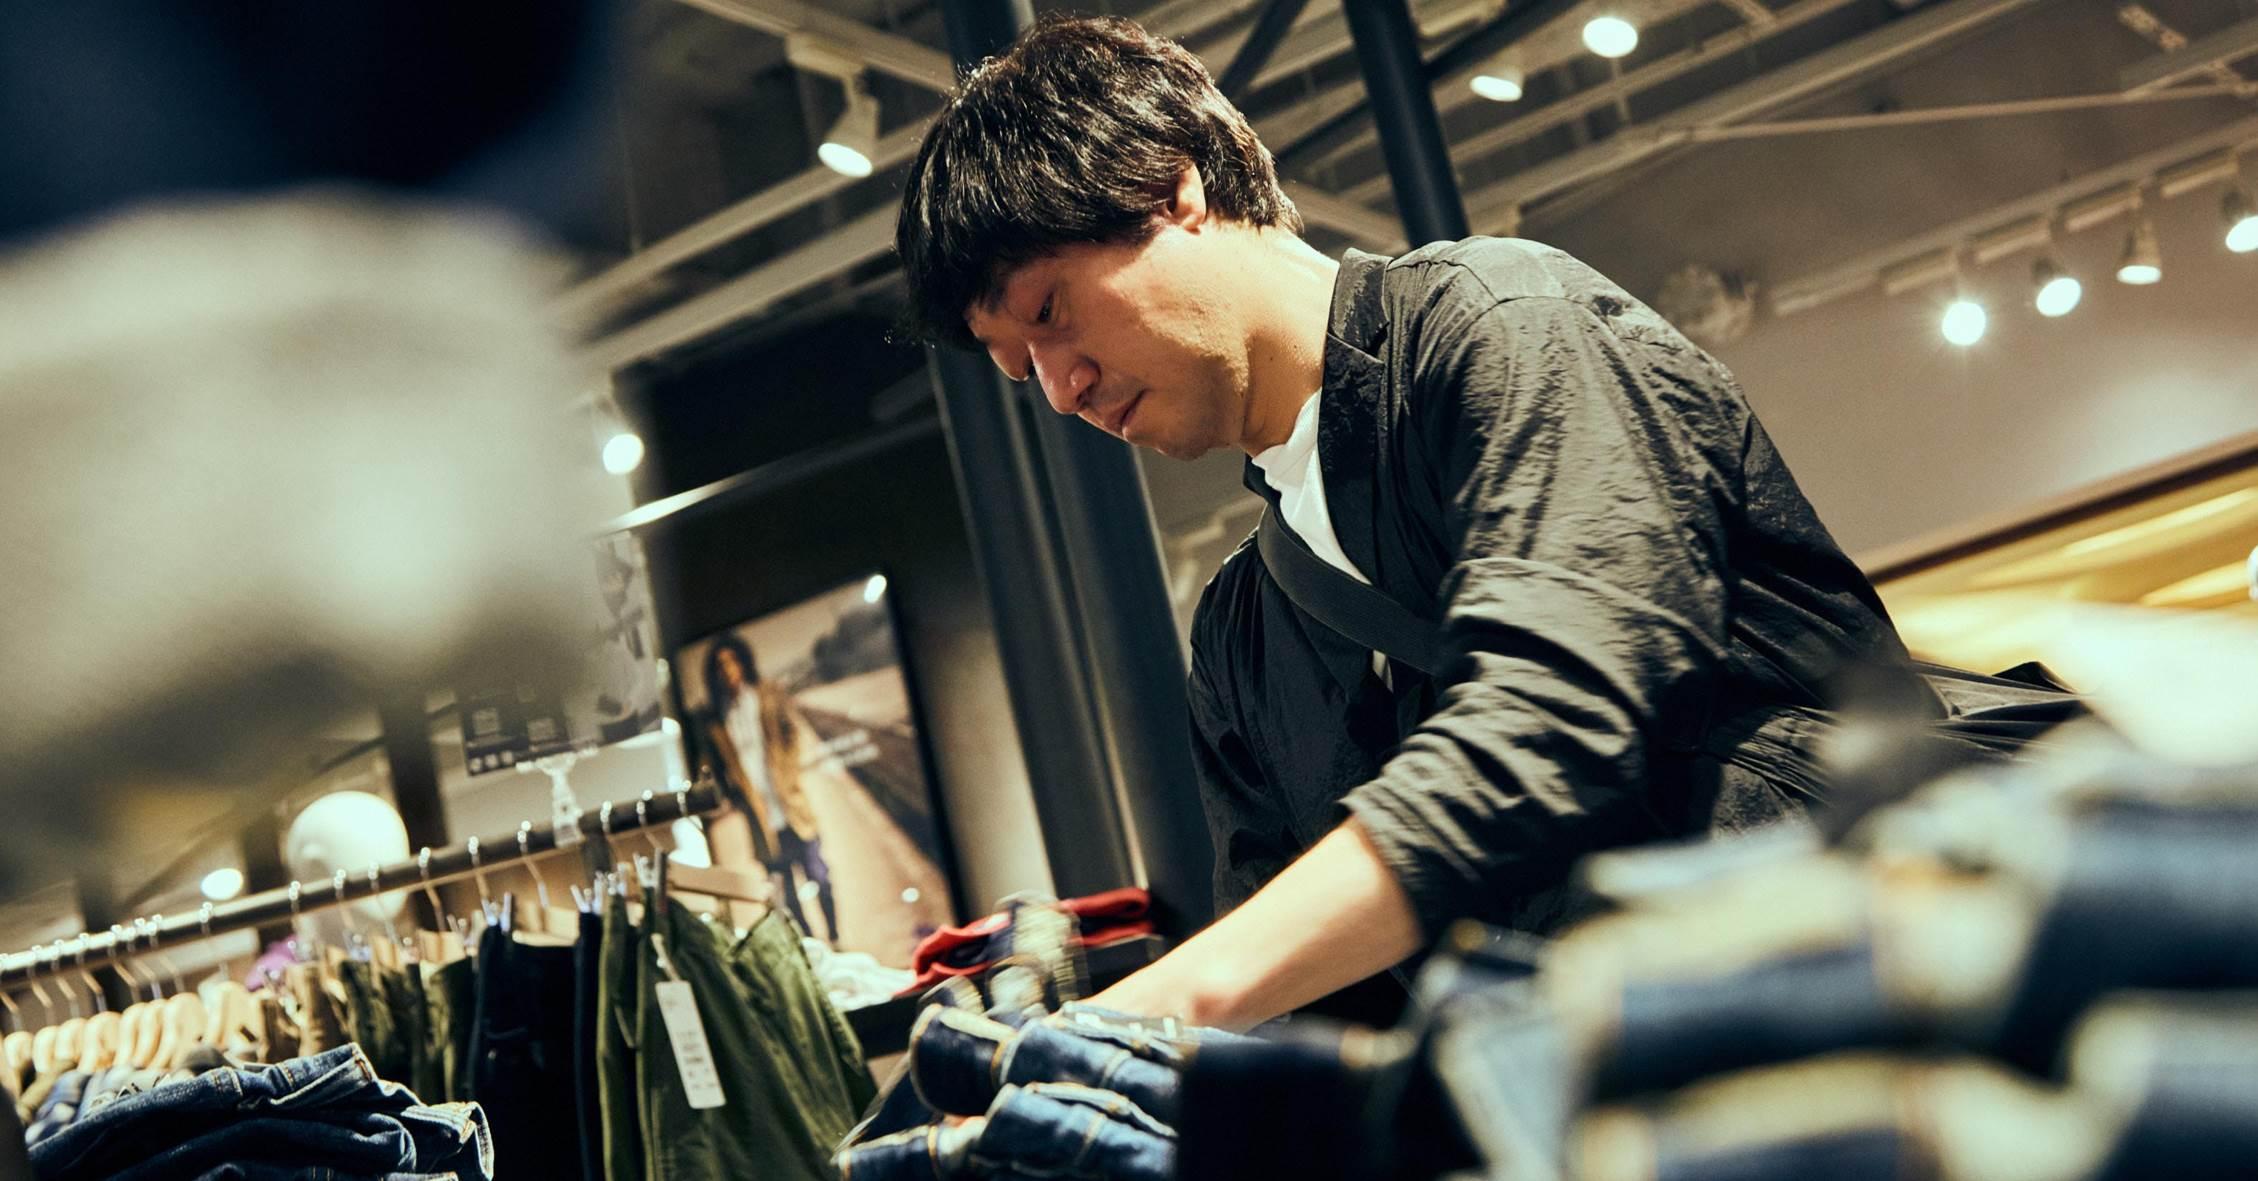 衣櫃裡絕對不能少了這一件!日本職人用丹寧魅力席捲亞洲